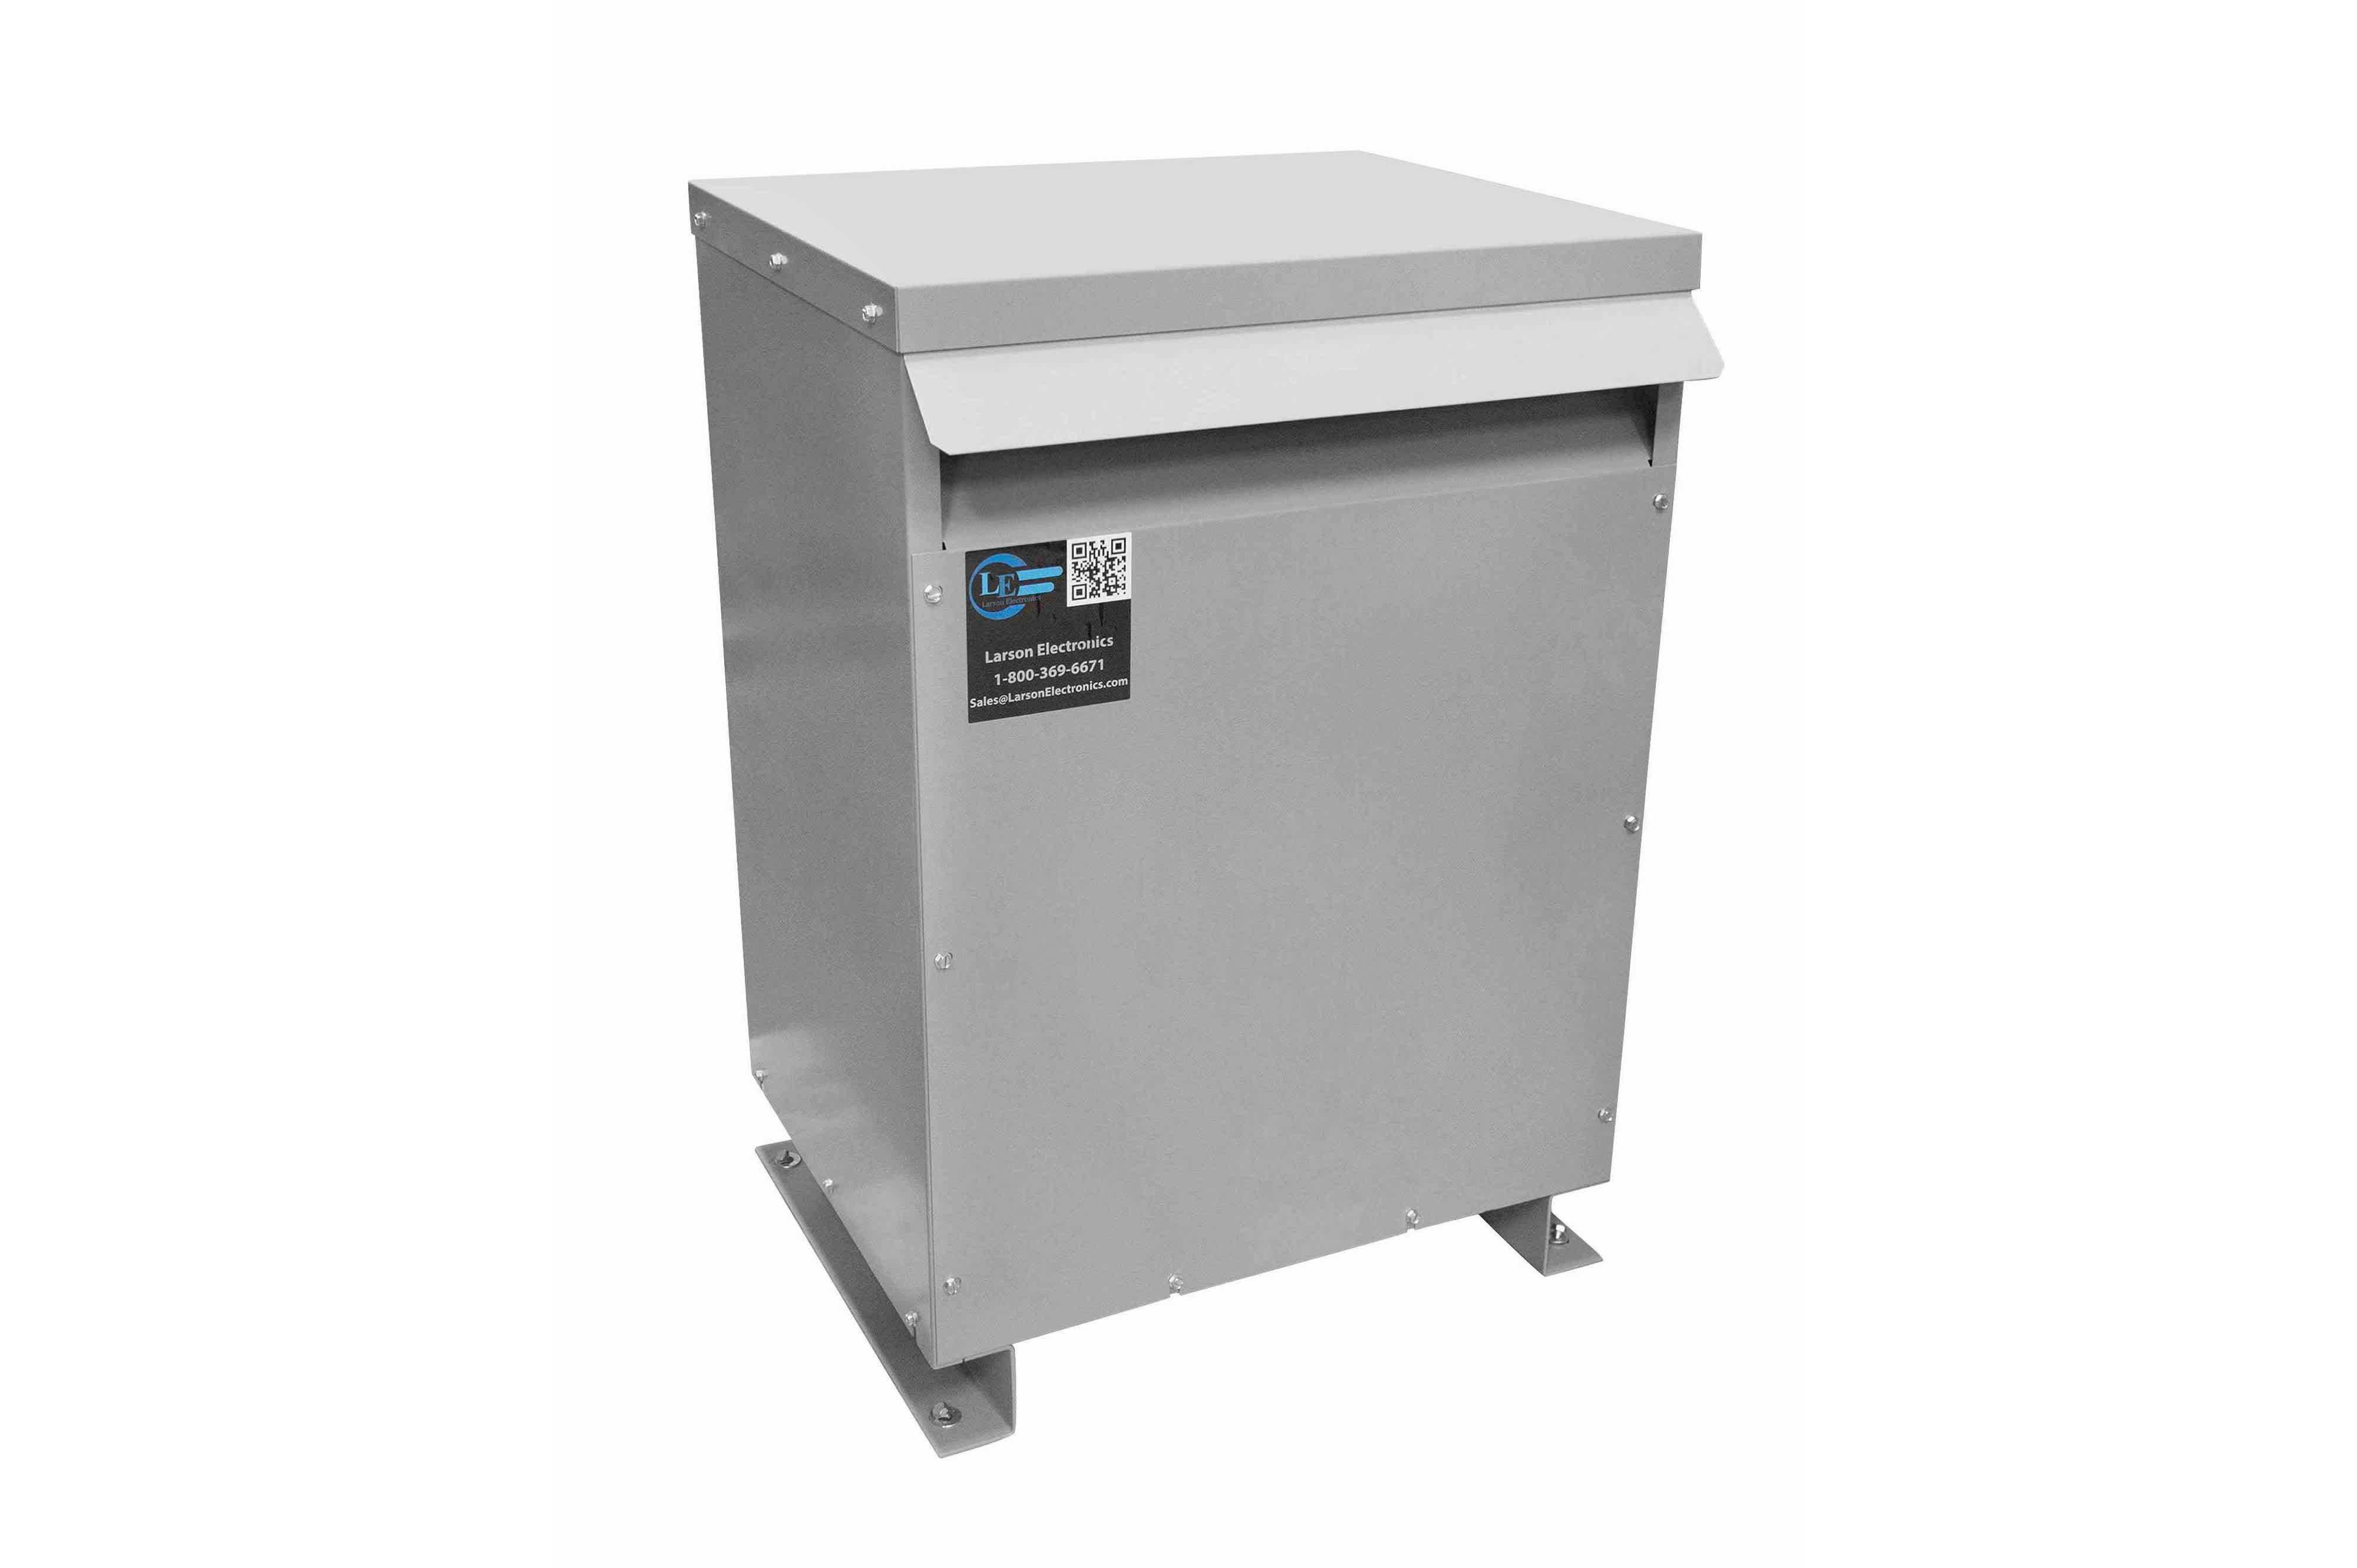 900 kVA 3PH Isolation Transformer, 575V Delta Primary, 240 Delta Secondary, N3R, Ventilated, 60 Hz